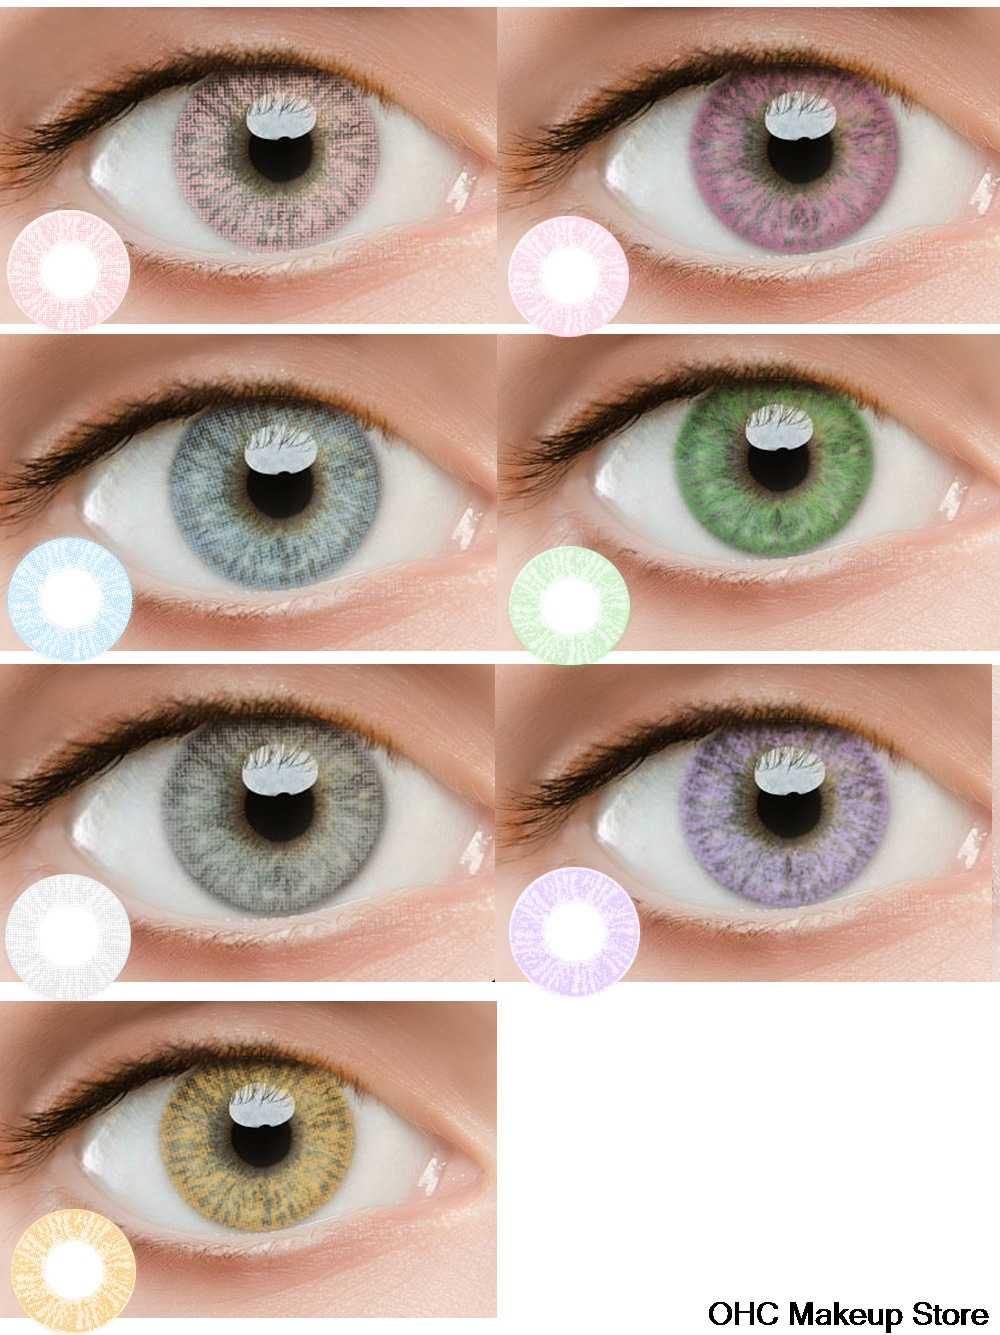 2 шт./1 пара в наборе разноцветные мягкие косметические светлые очки Make Up инструмент «большие глаза», Цветной вечерние личность Красота приятная к телу ткань обеспечит комфорт для макияжа